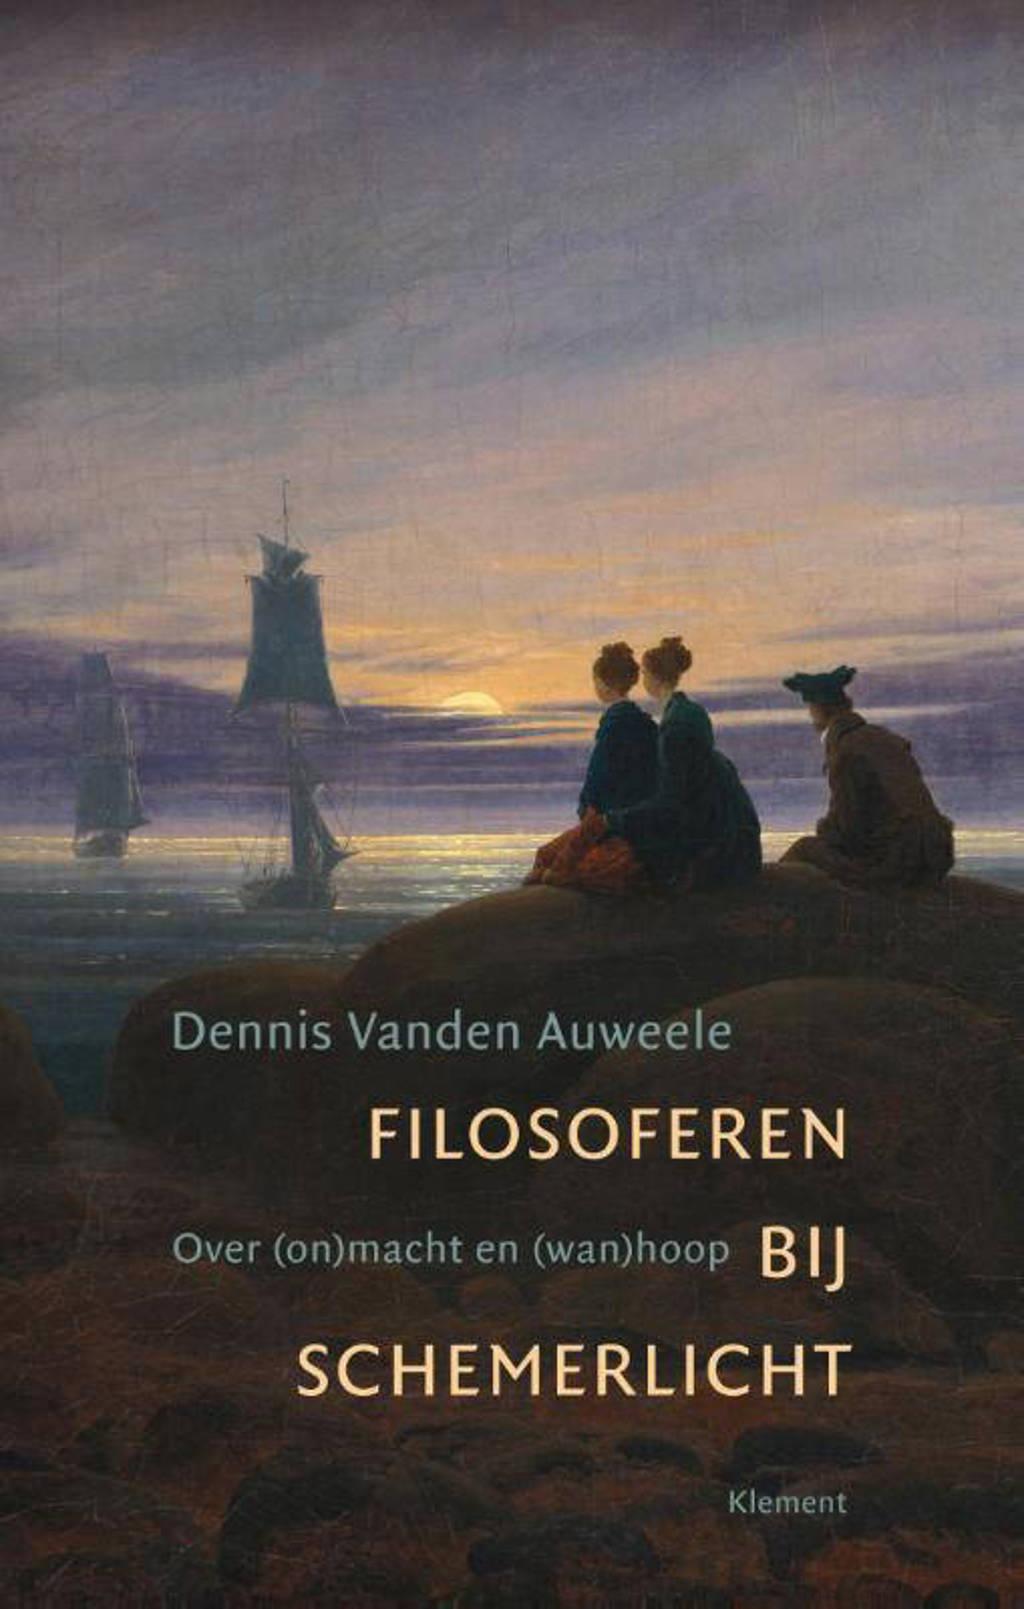 Filosoferen bij schemerlicht - Dennis vanden Auweele